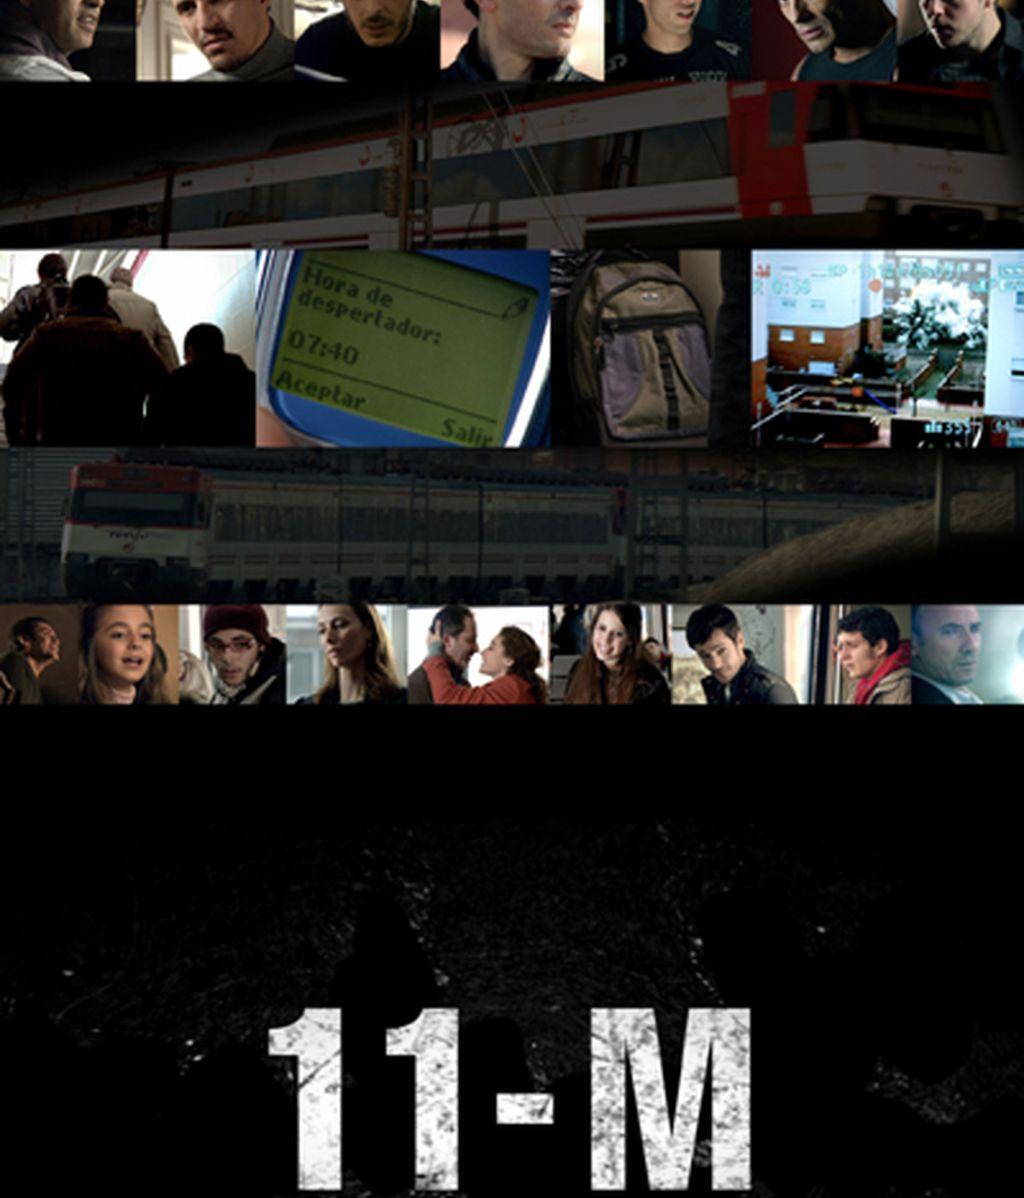 '11-M' (Telecinco)